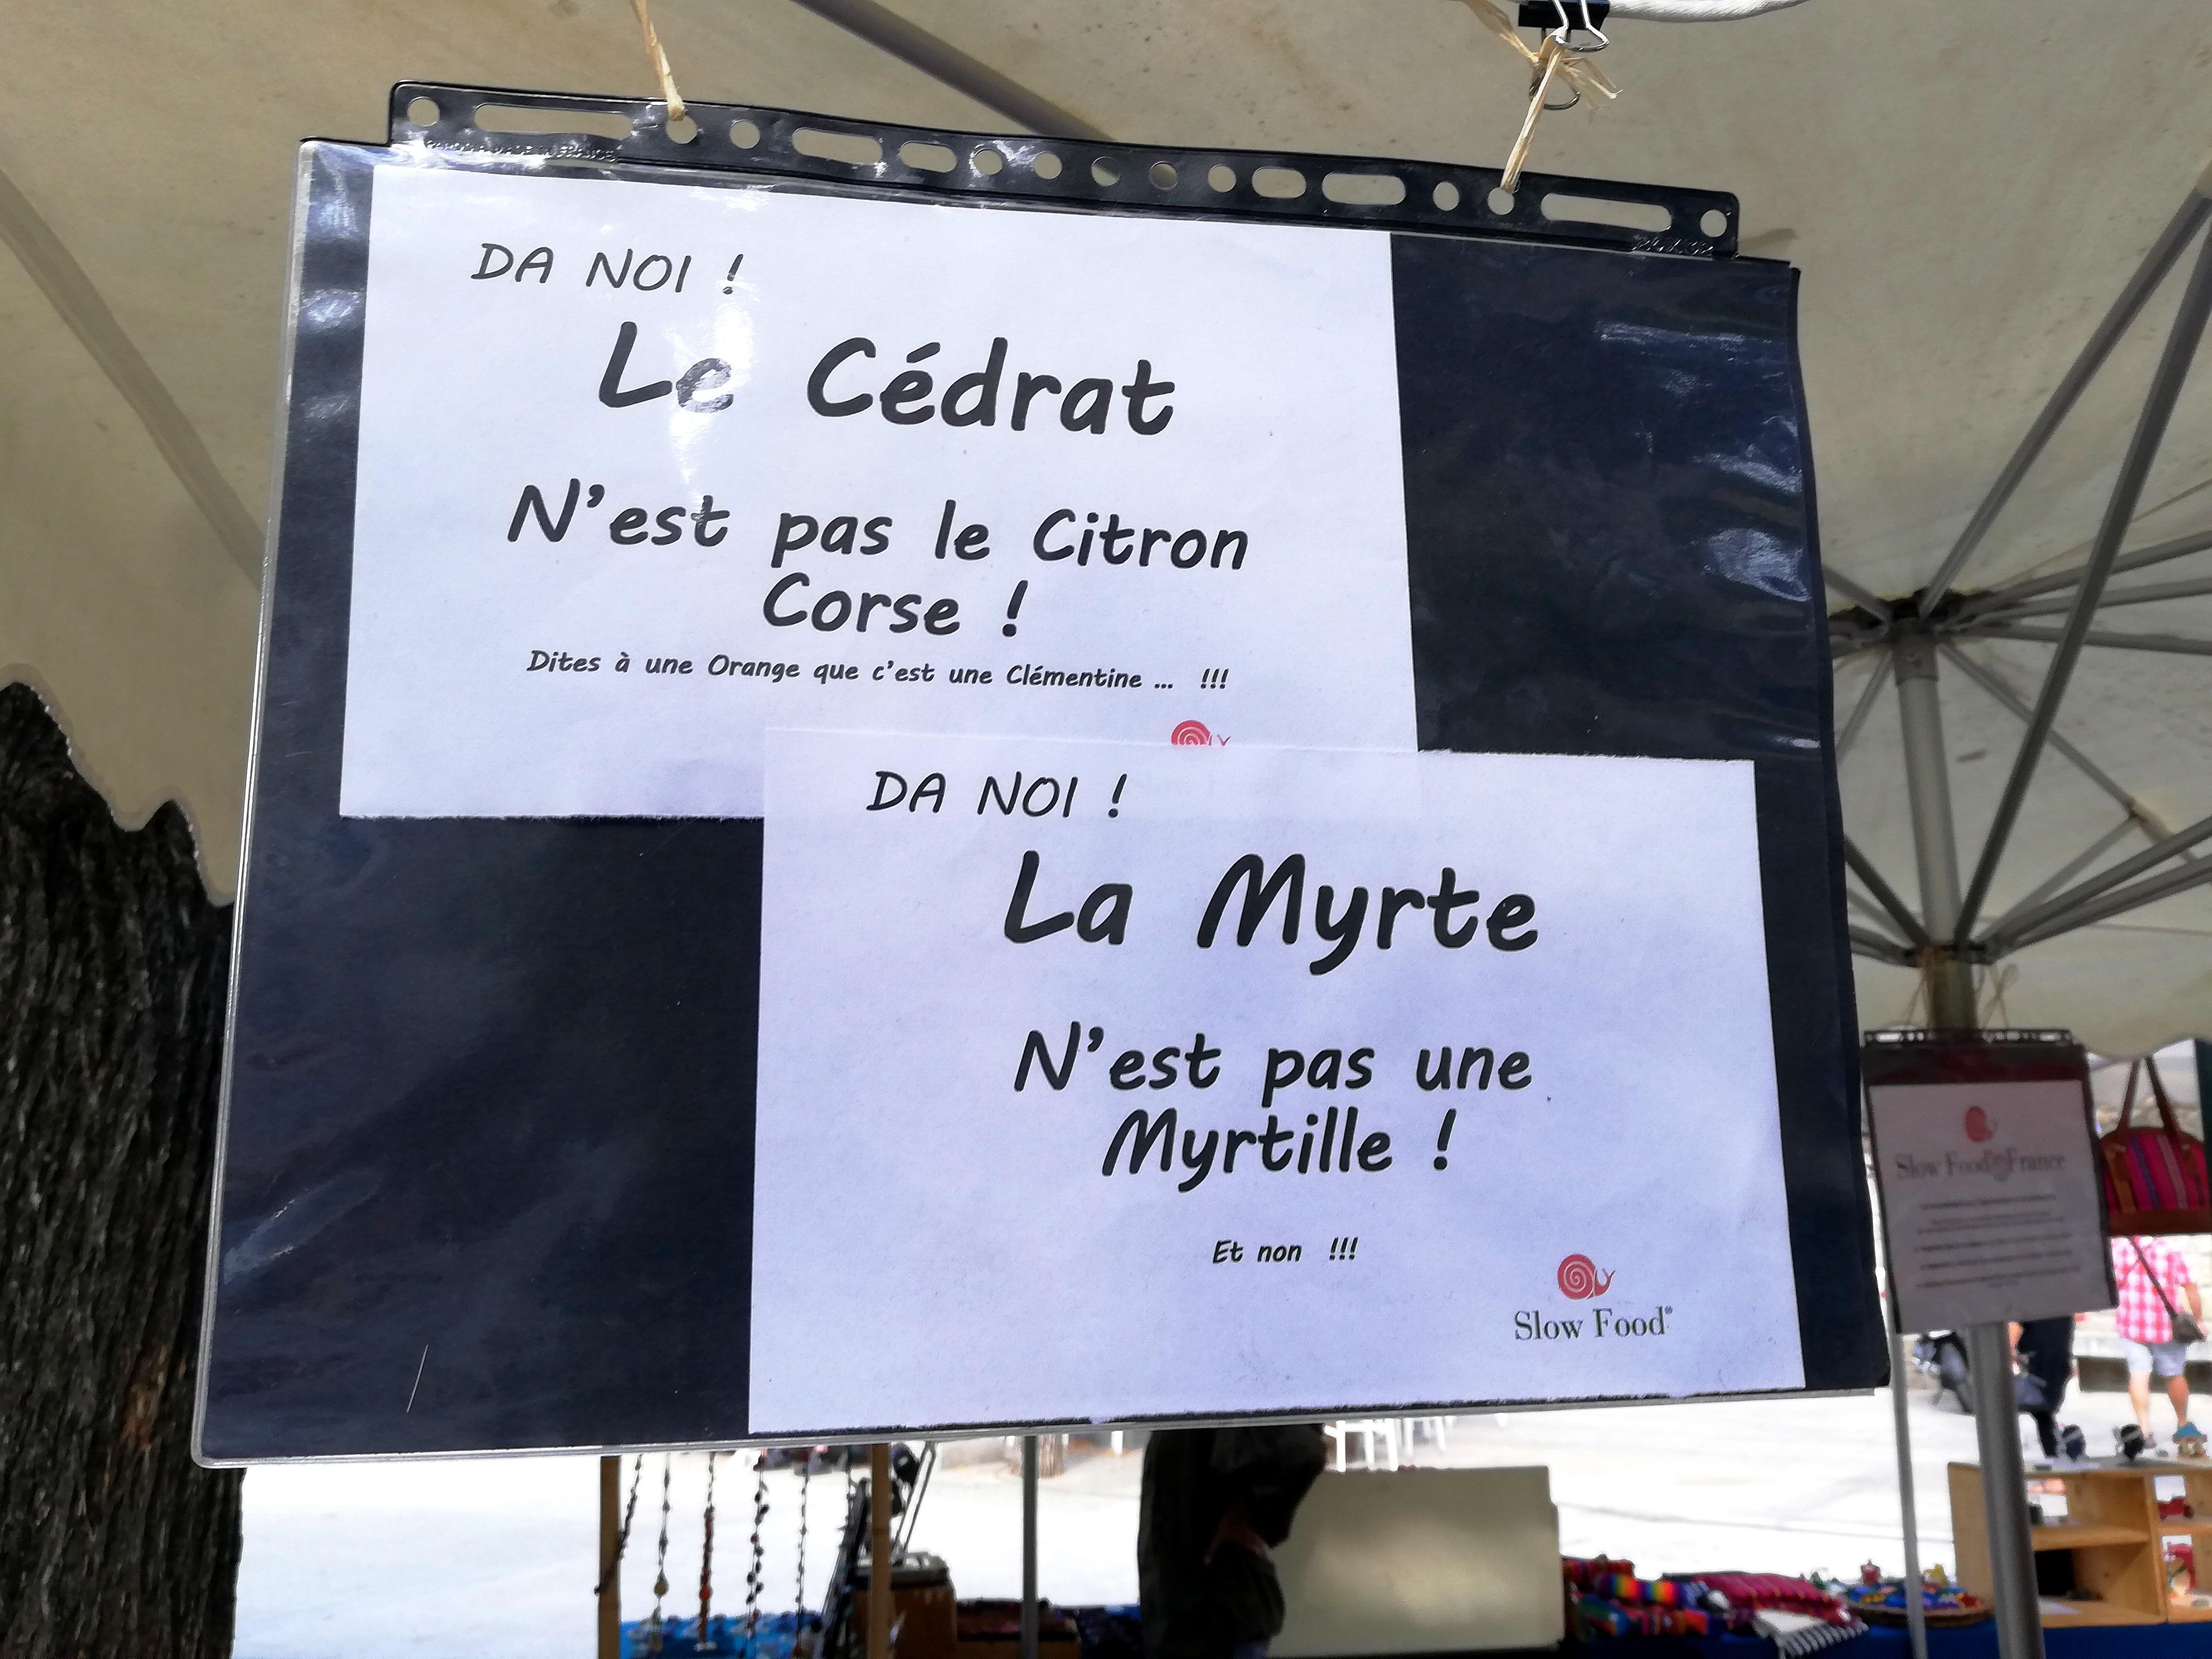 Pédagogie sur le stand Slow Food du marché de Sartène en Corse